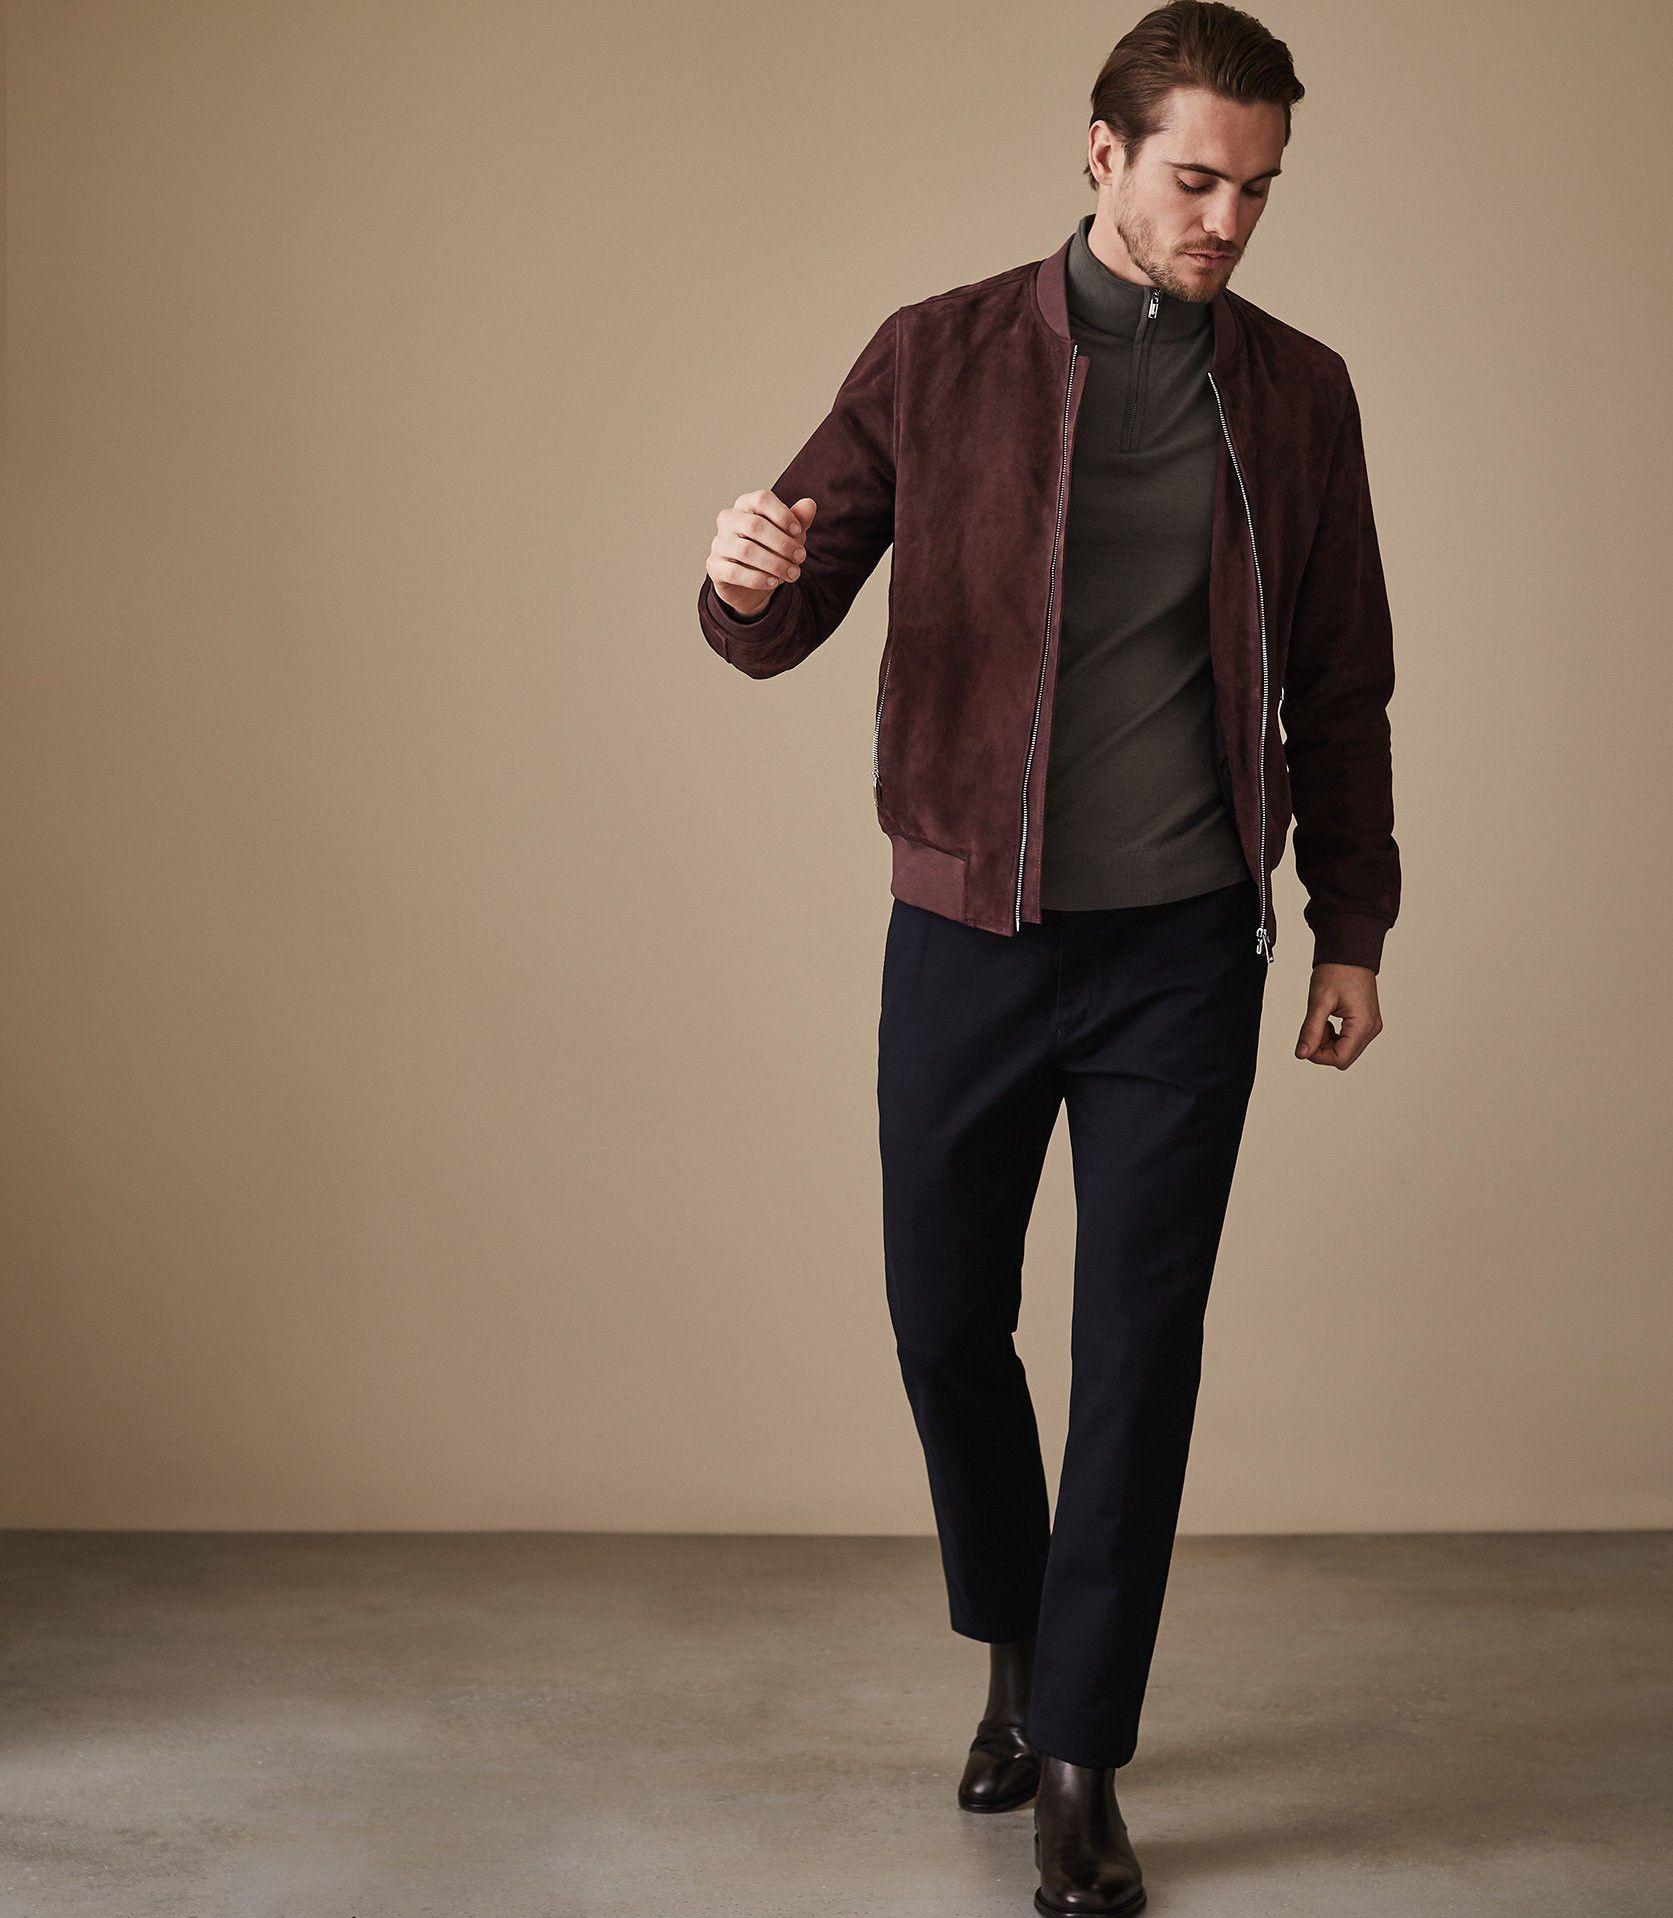 ac65cd06039 Reiss Blackhall Merino Wool Zip Neck Jumper Khaki - XL | Products ...